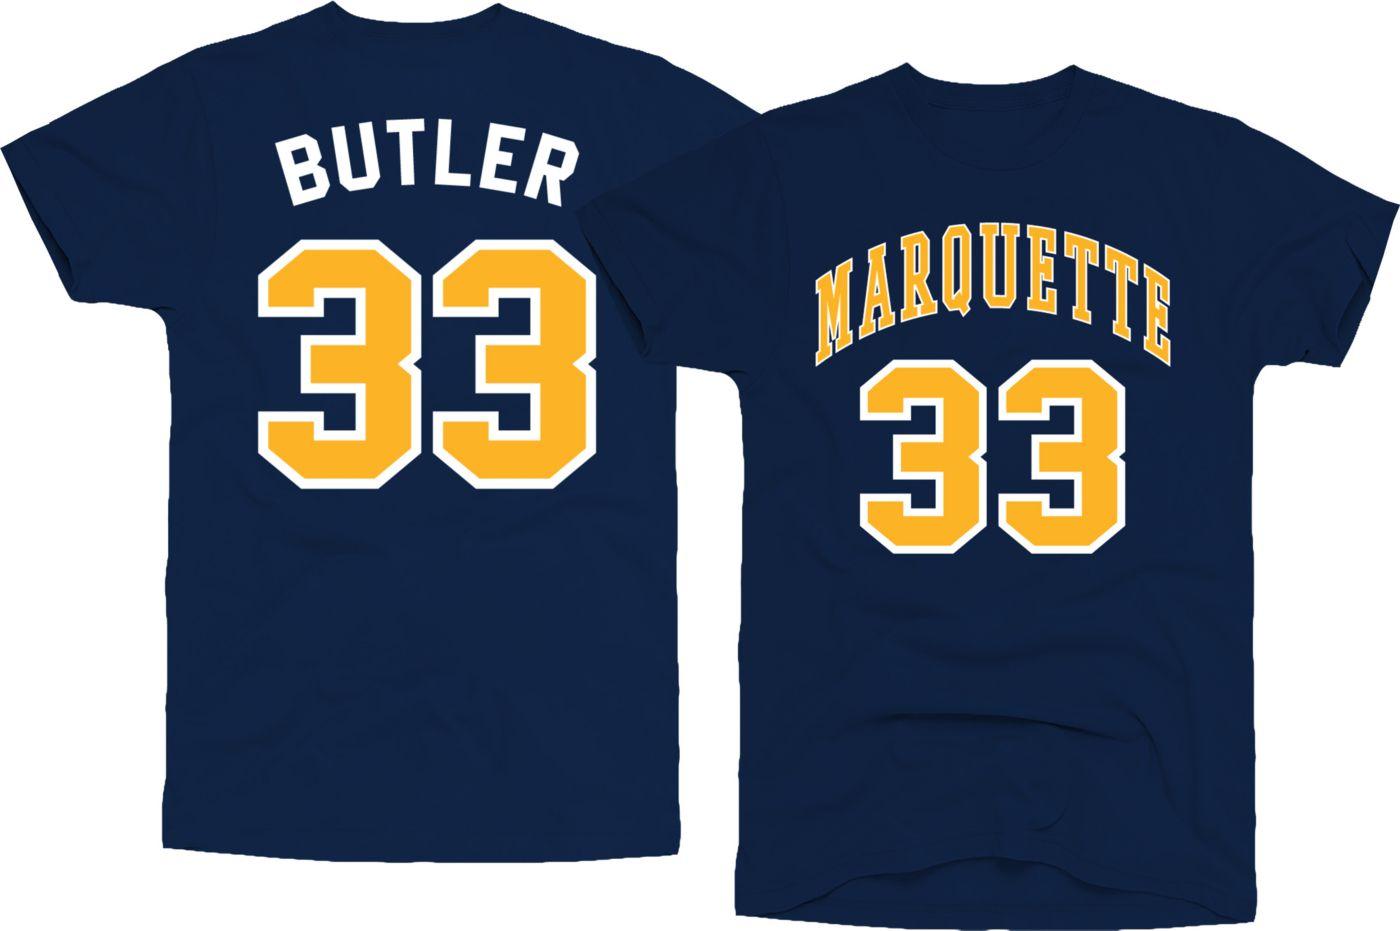 Original Retro Brand Men's Marquette Golden Eagles Jimmy Butler #33 Blue Basketball Jersey T-Shirt